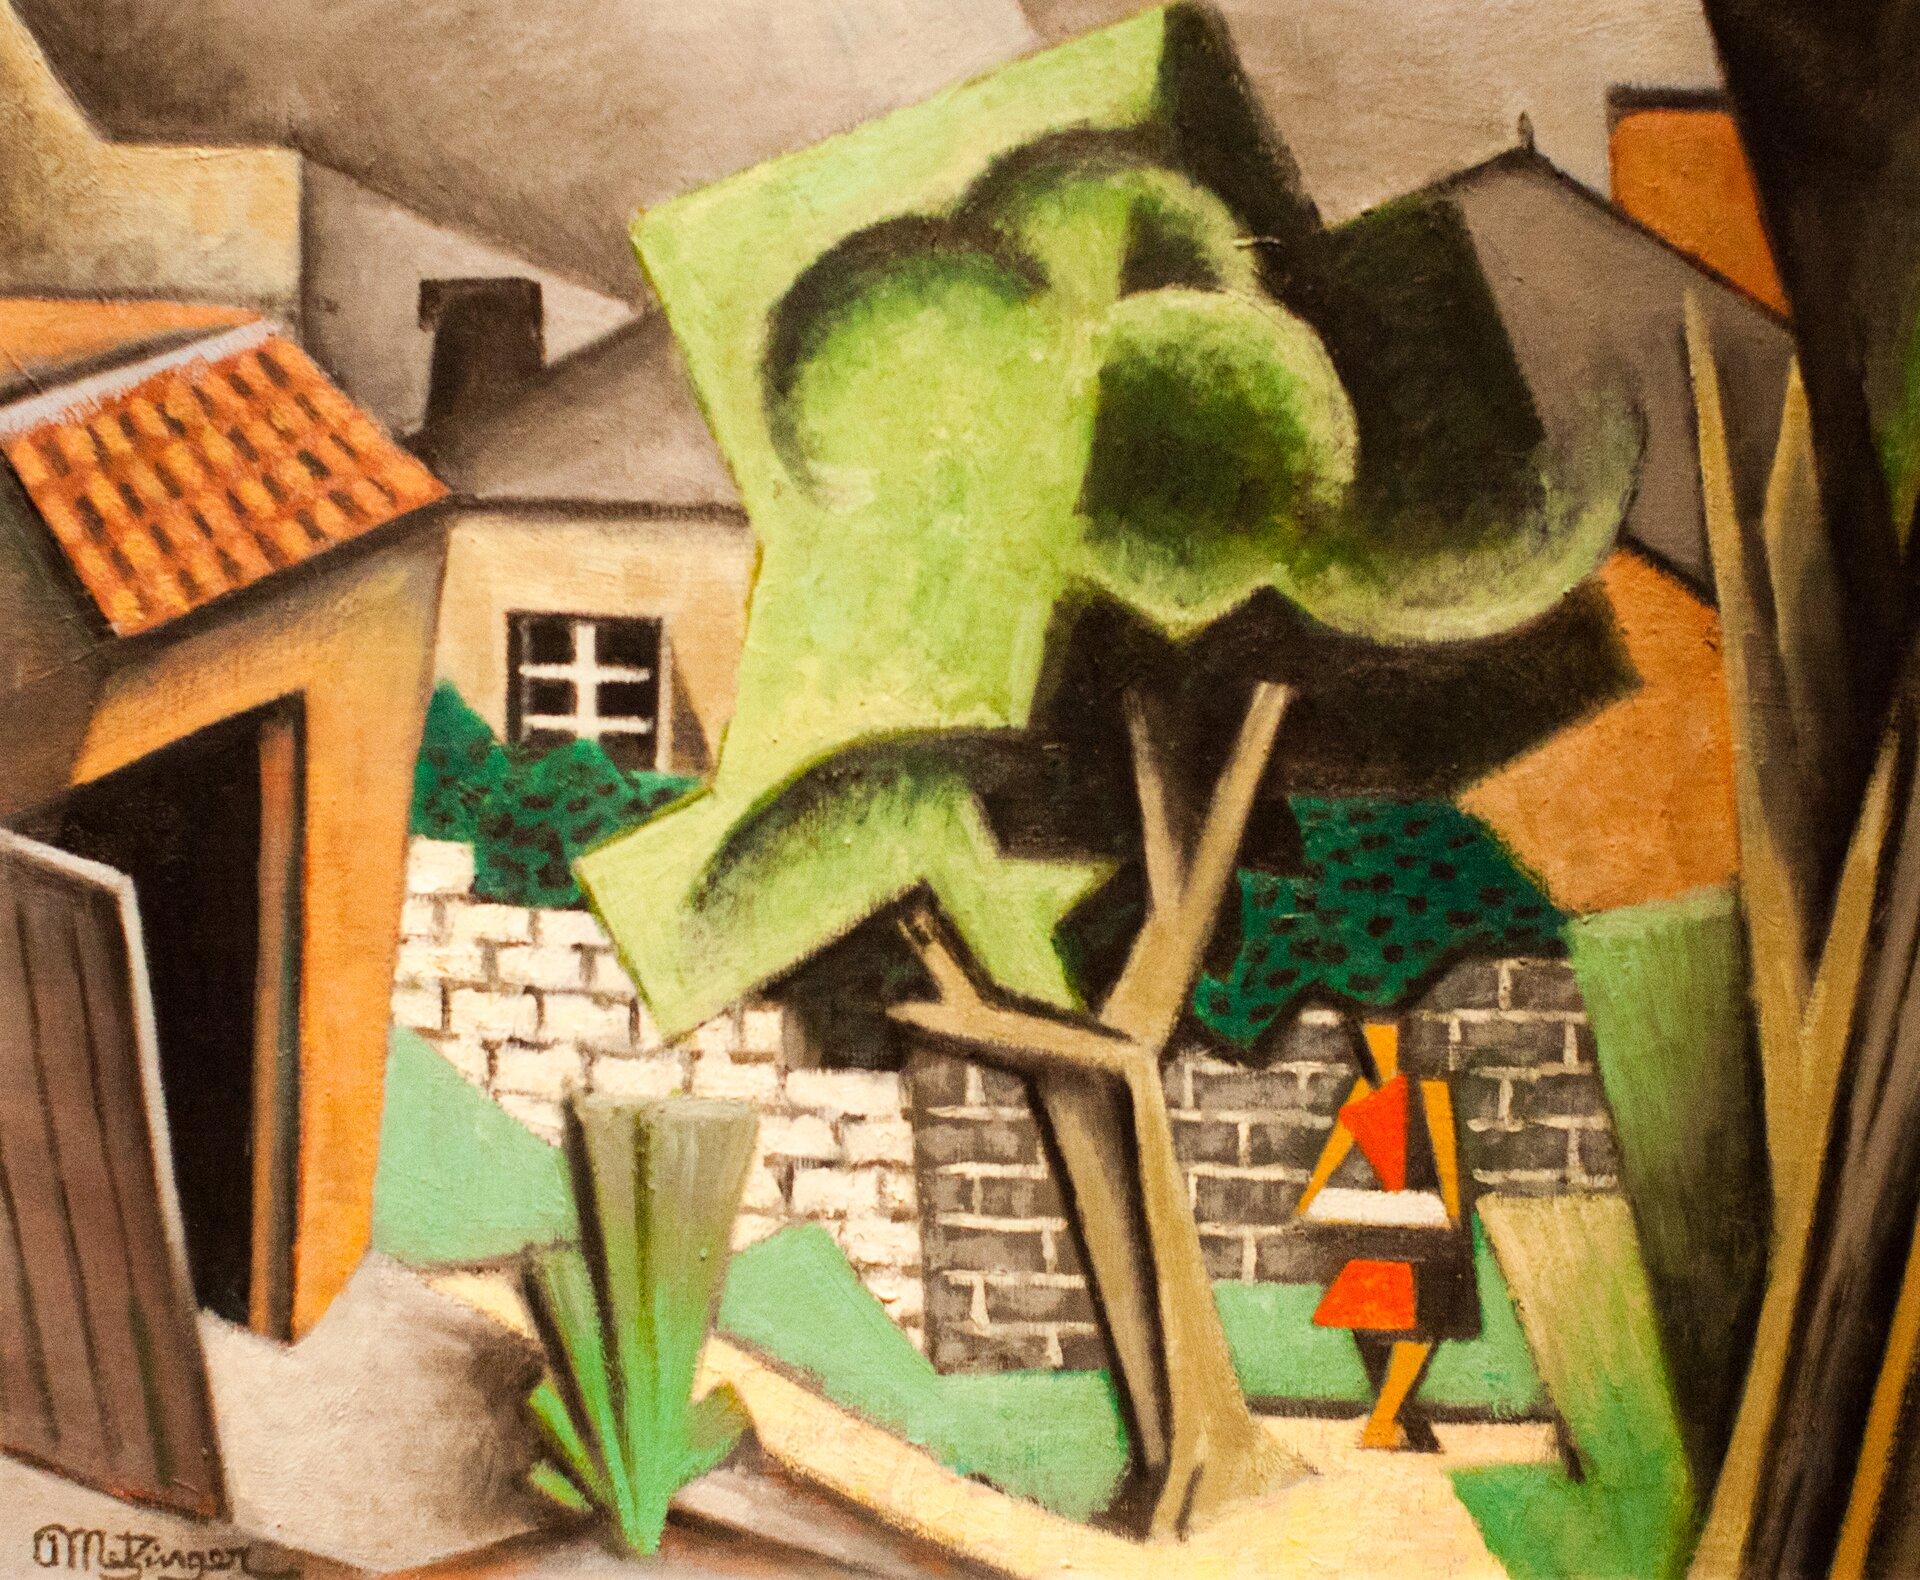 """Ilustracja przedstawia obraz Jeana Metzingera """"Pejzaż"""". Ukazuje architekturę, drzewa ikobietę. Domy przysłaniają się itworzą kubistyczne bryły. Zgeometryzowane jest również drzewo pośrodku - składa się zprostych nakładających się płaskich plam. Kobieta wczerwonej sukni, ma kształty figur geometrycznych."""